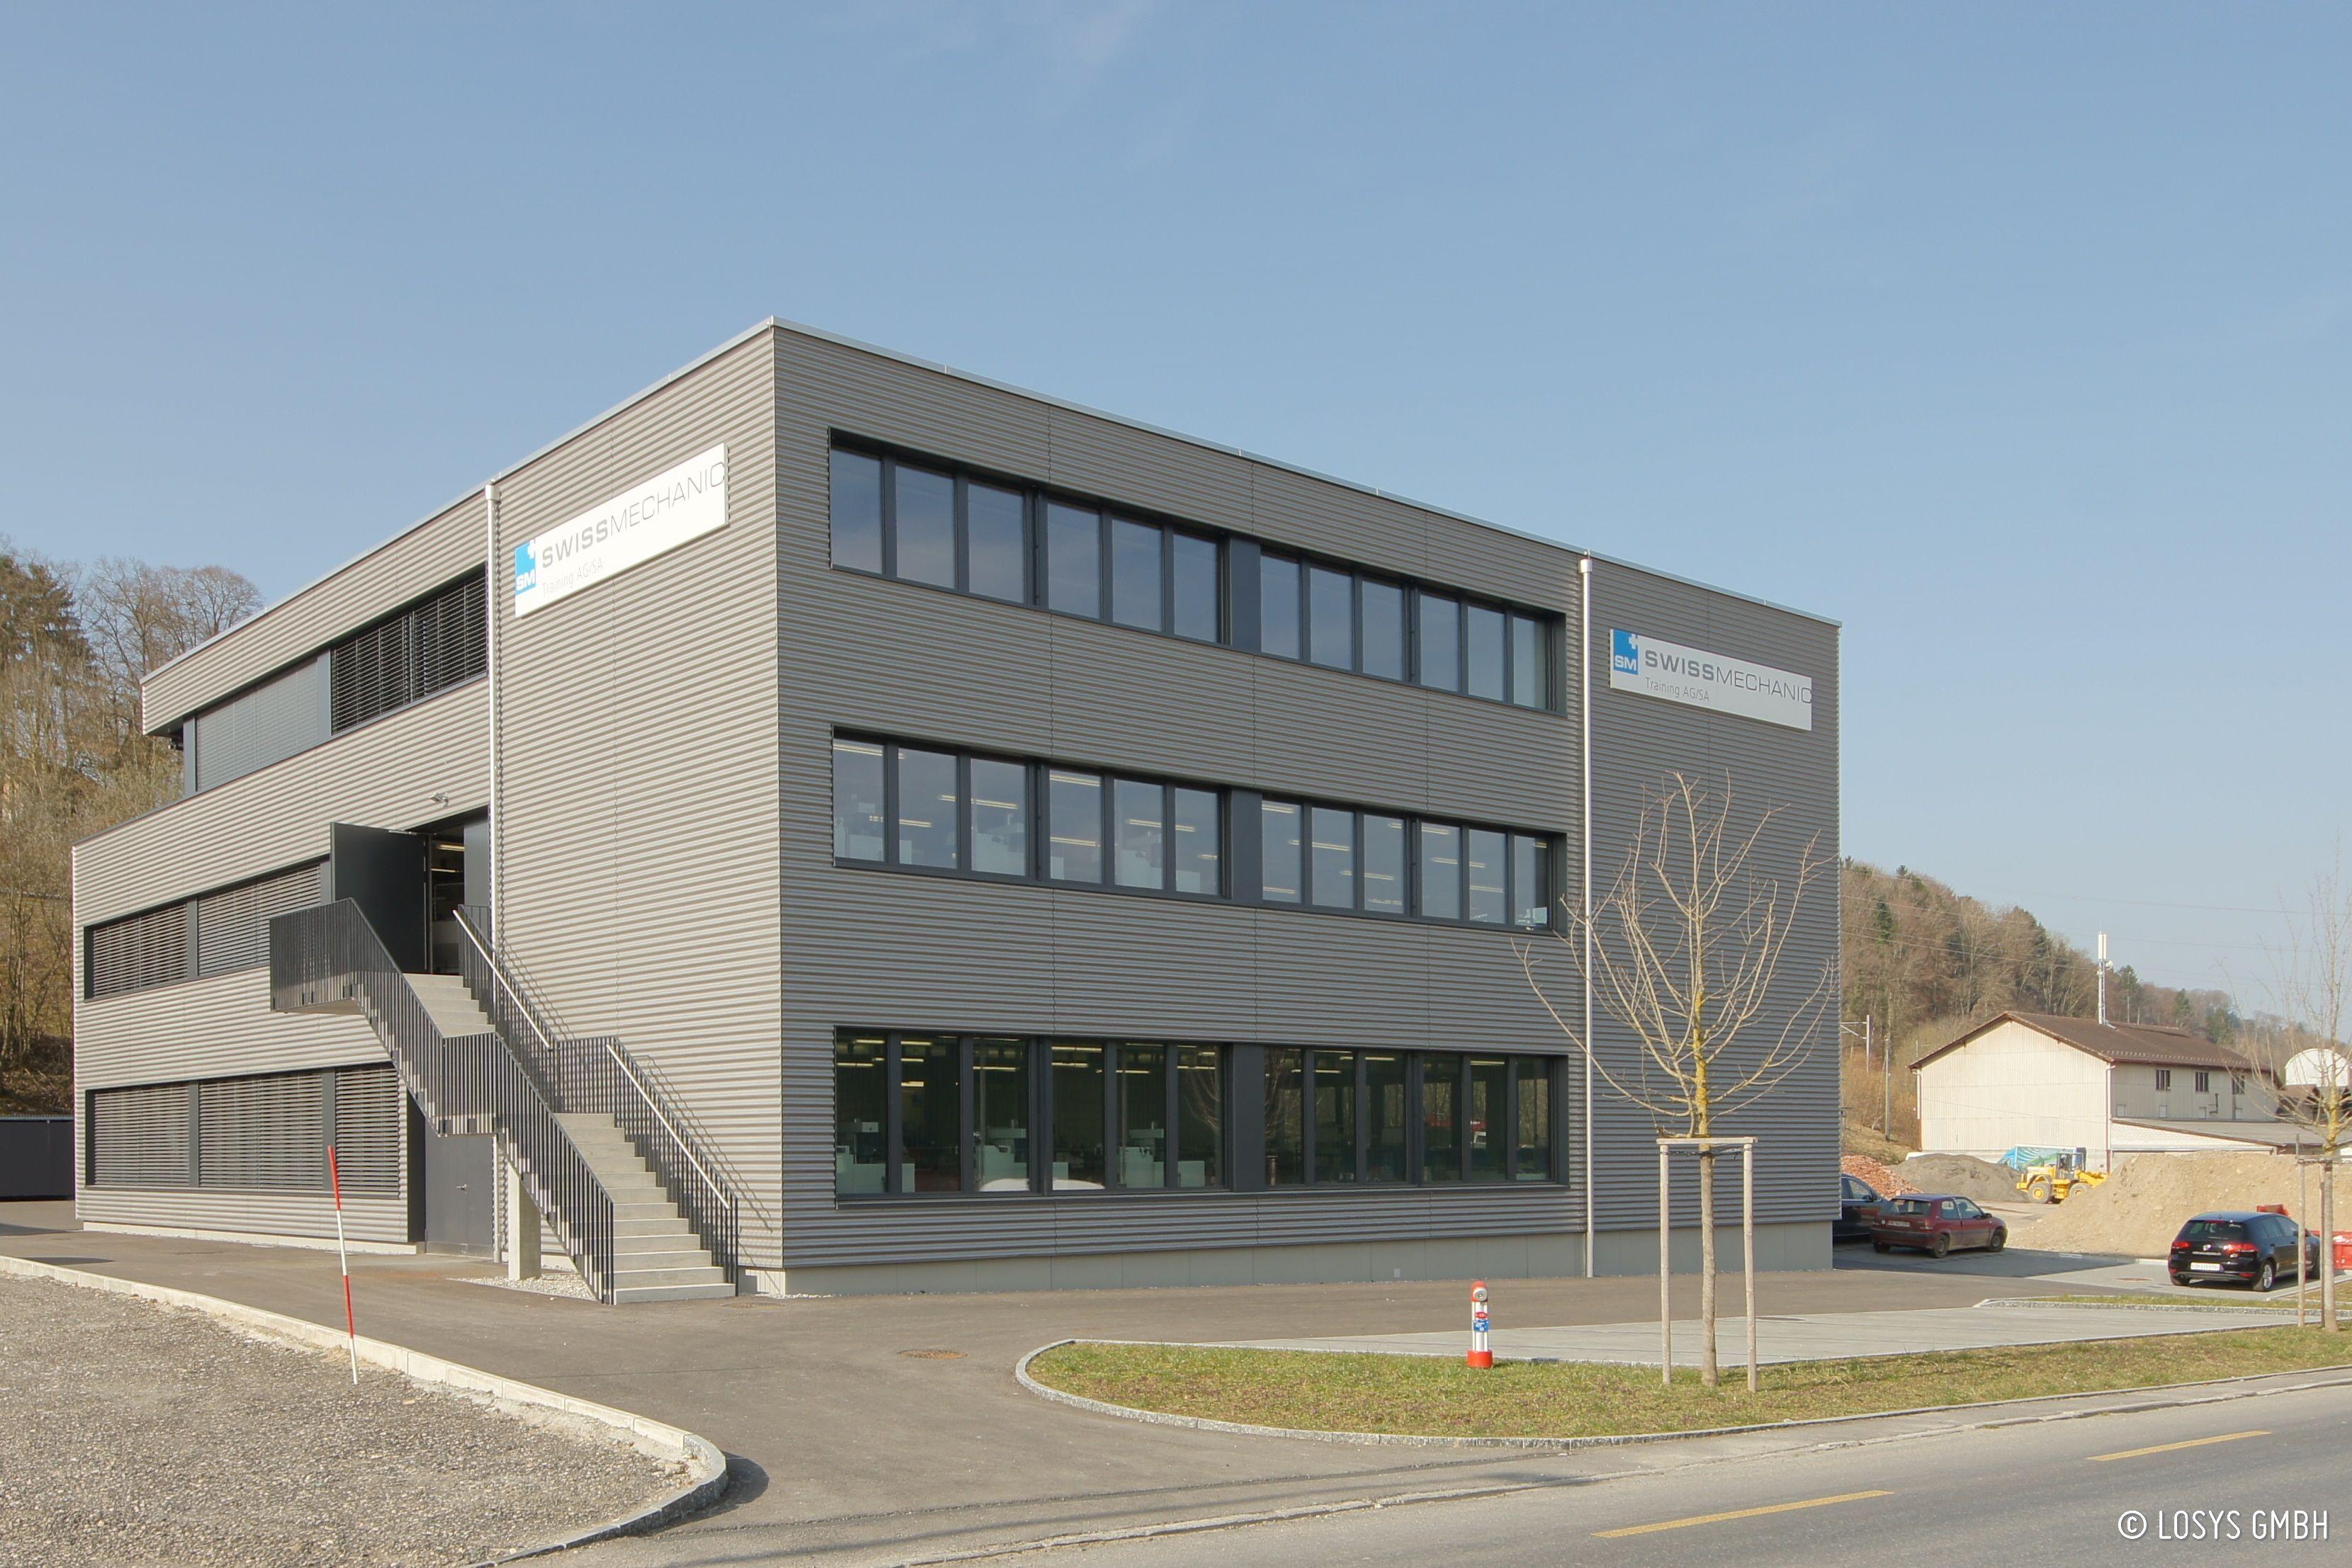 Ausbildungszentrum Swissmechanic